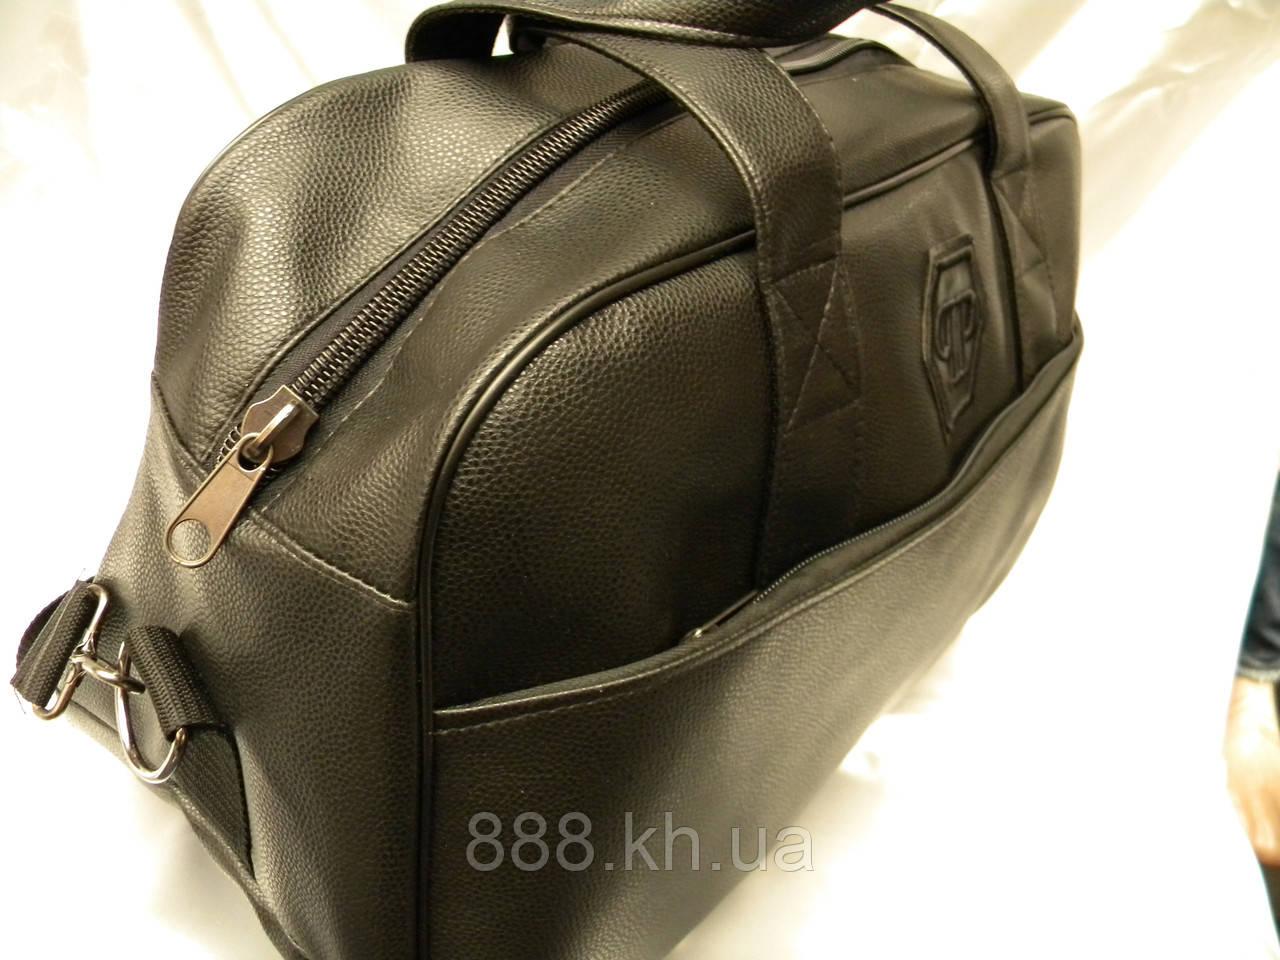 b192c5e7dc0a ... Дорожная сумка Philipp Plane кожаная сумка, сумка мужская, сумка  женская, спортивная сумка реплика